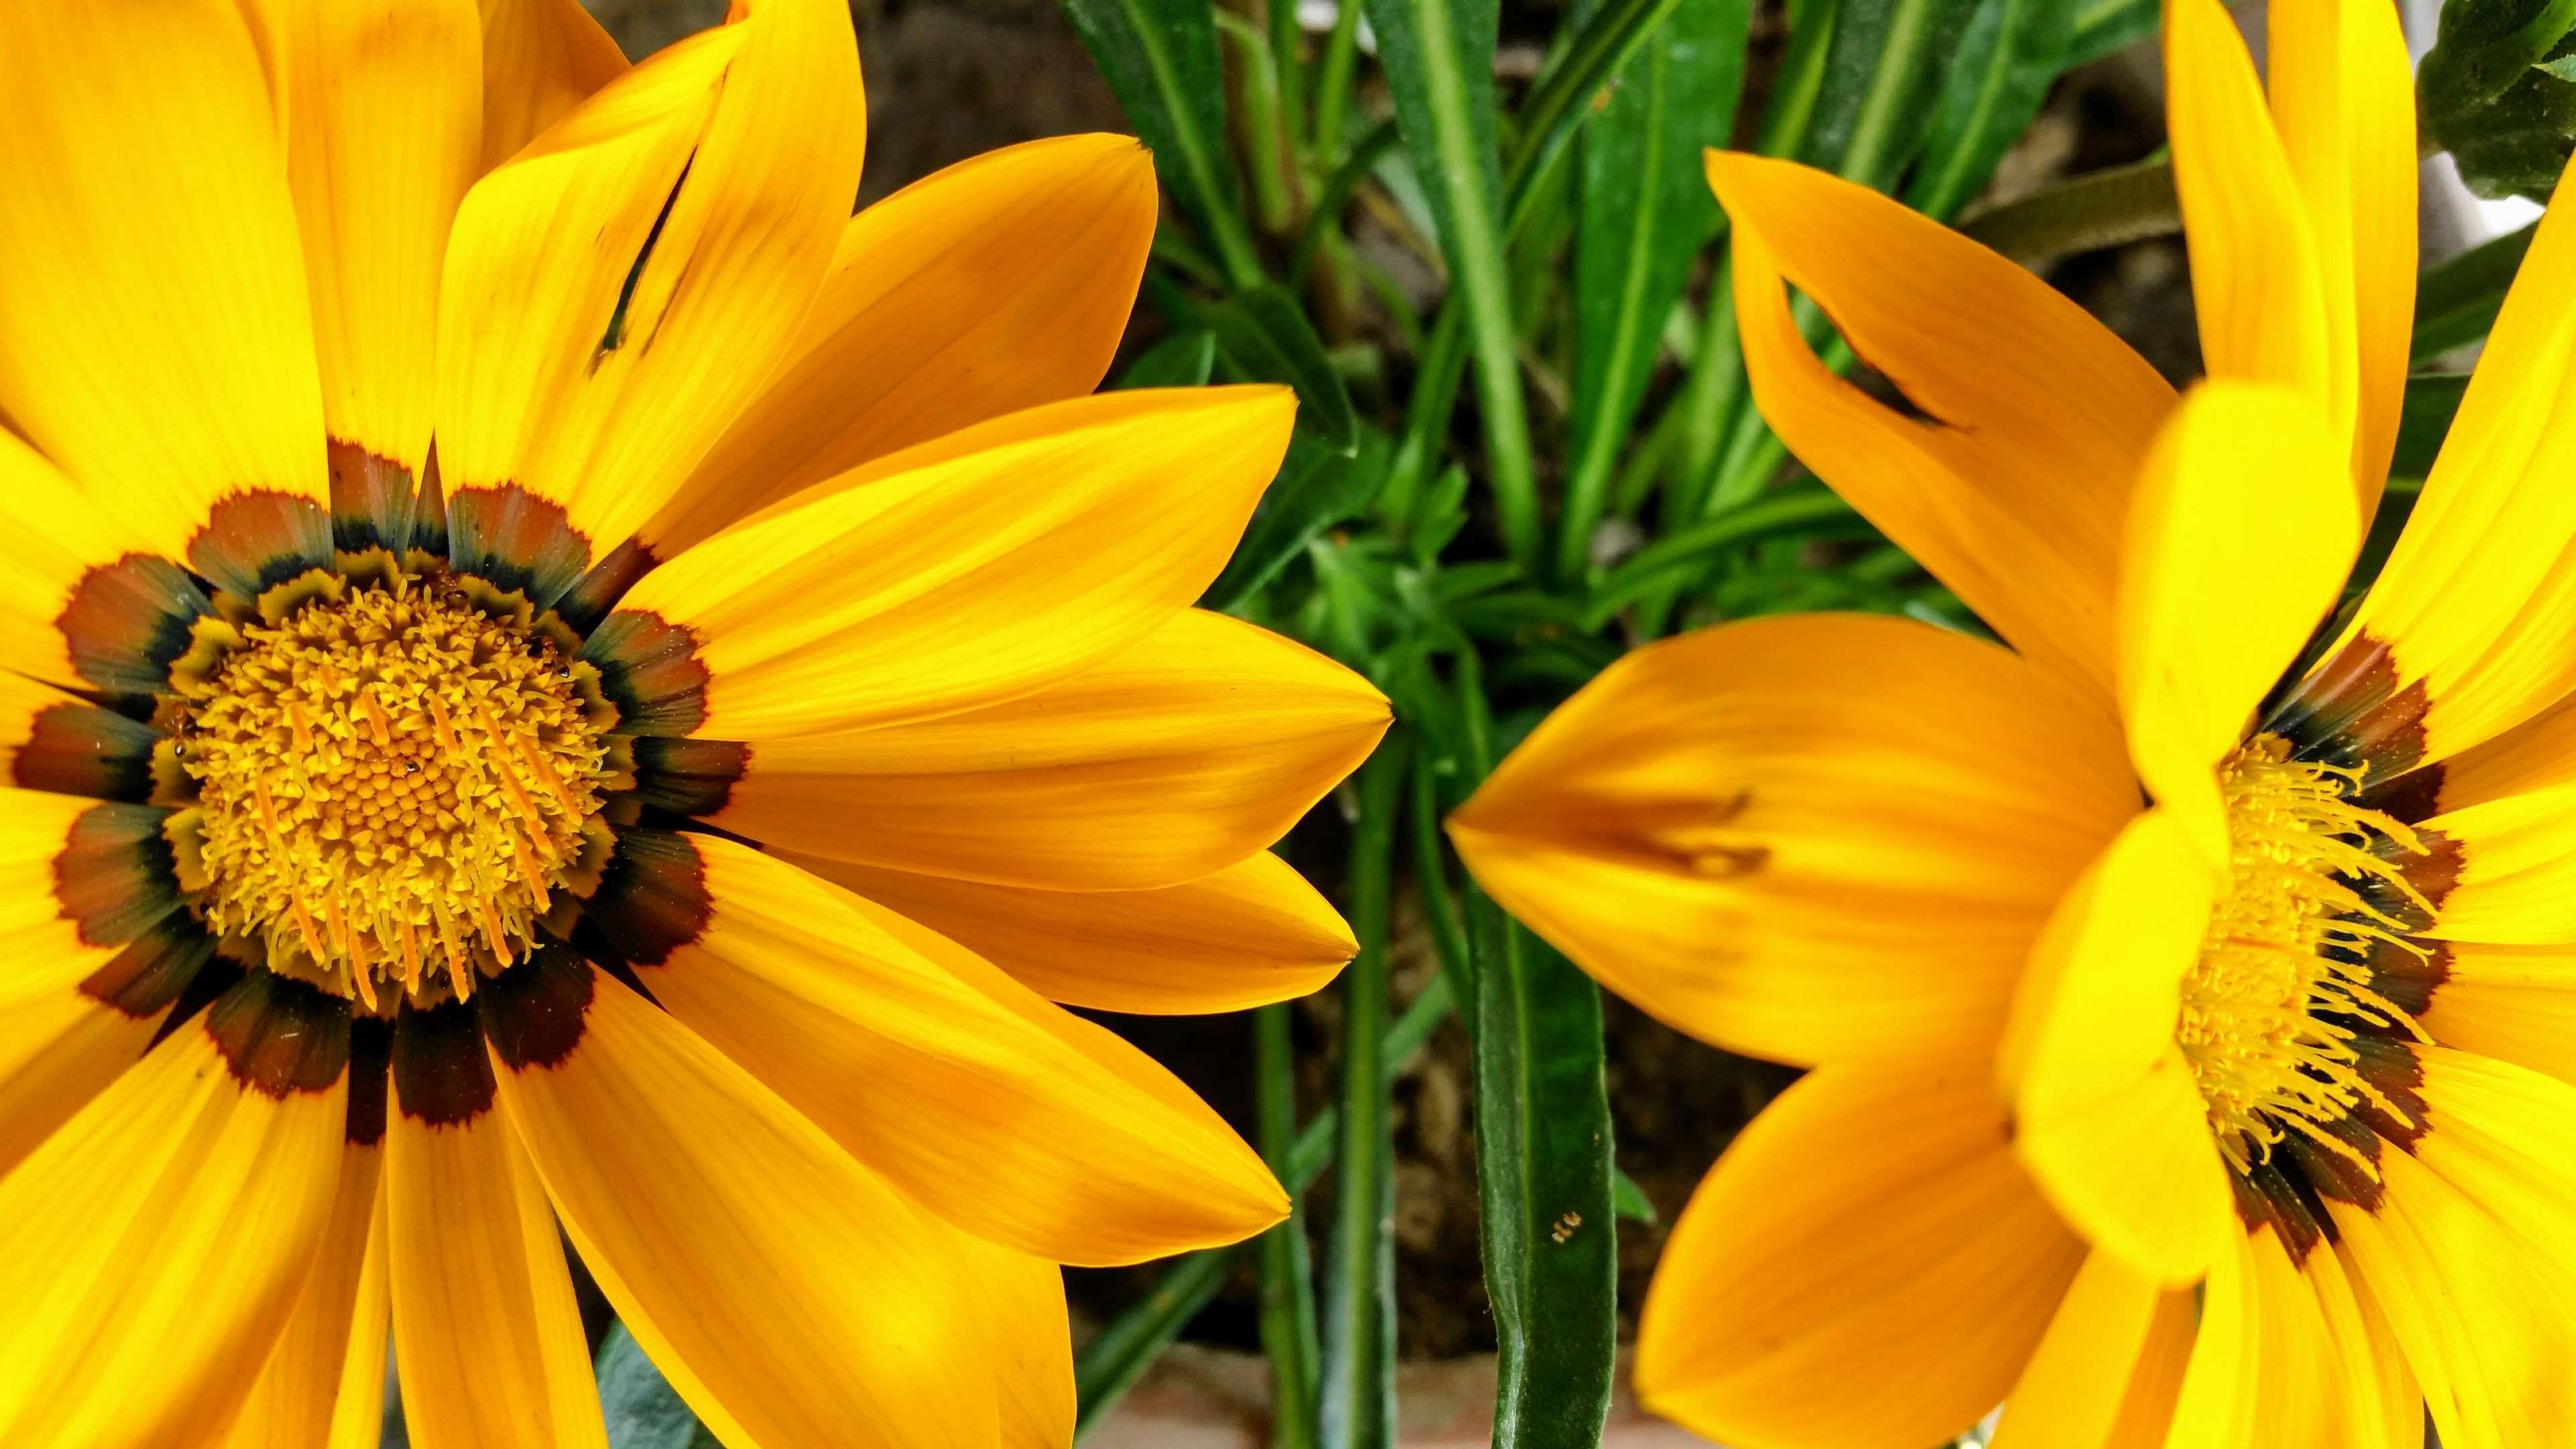 Beautiful beautiful flowers bloom blooming blur bright close beautiful beautiful flowers bloom blooming blur bright close up izmirmasajfo Images